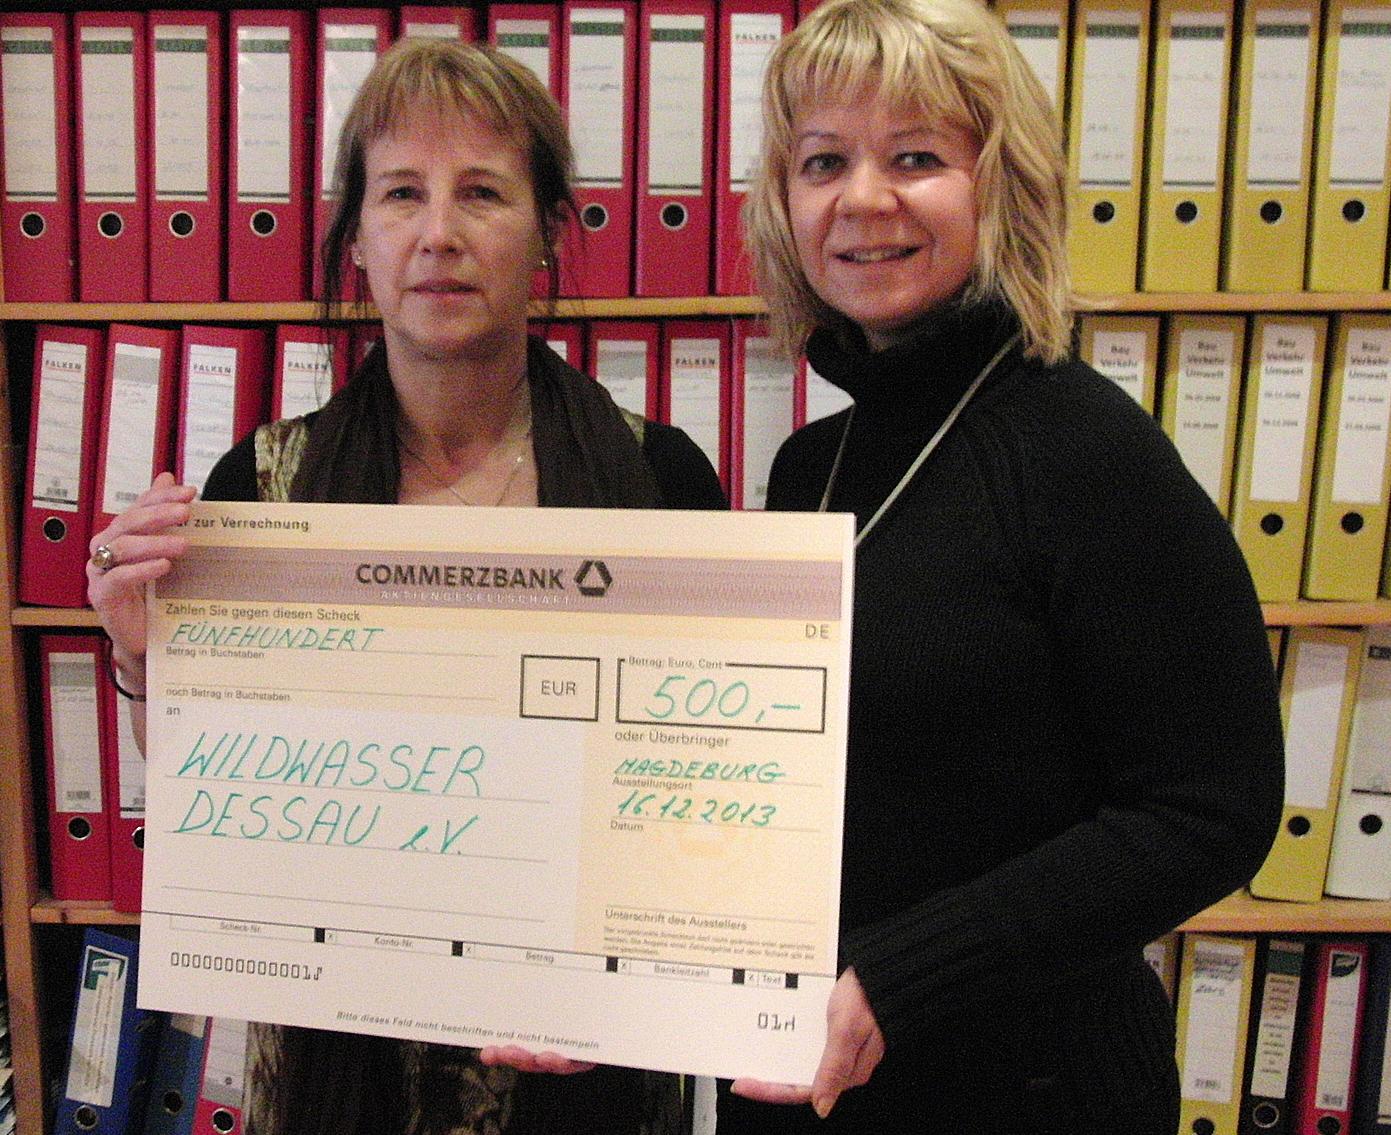 Spendenübergabe am 16. Dezember 2013 – Michaela Böttcher (li.) und Cornelia Lüddemann (re.)